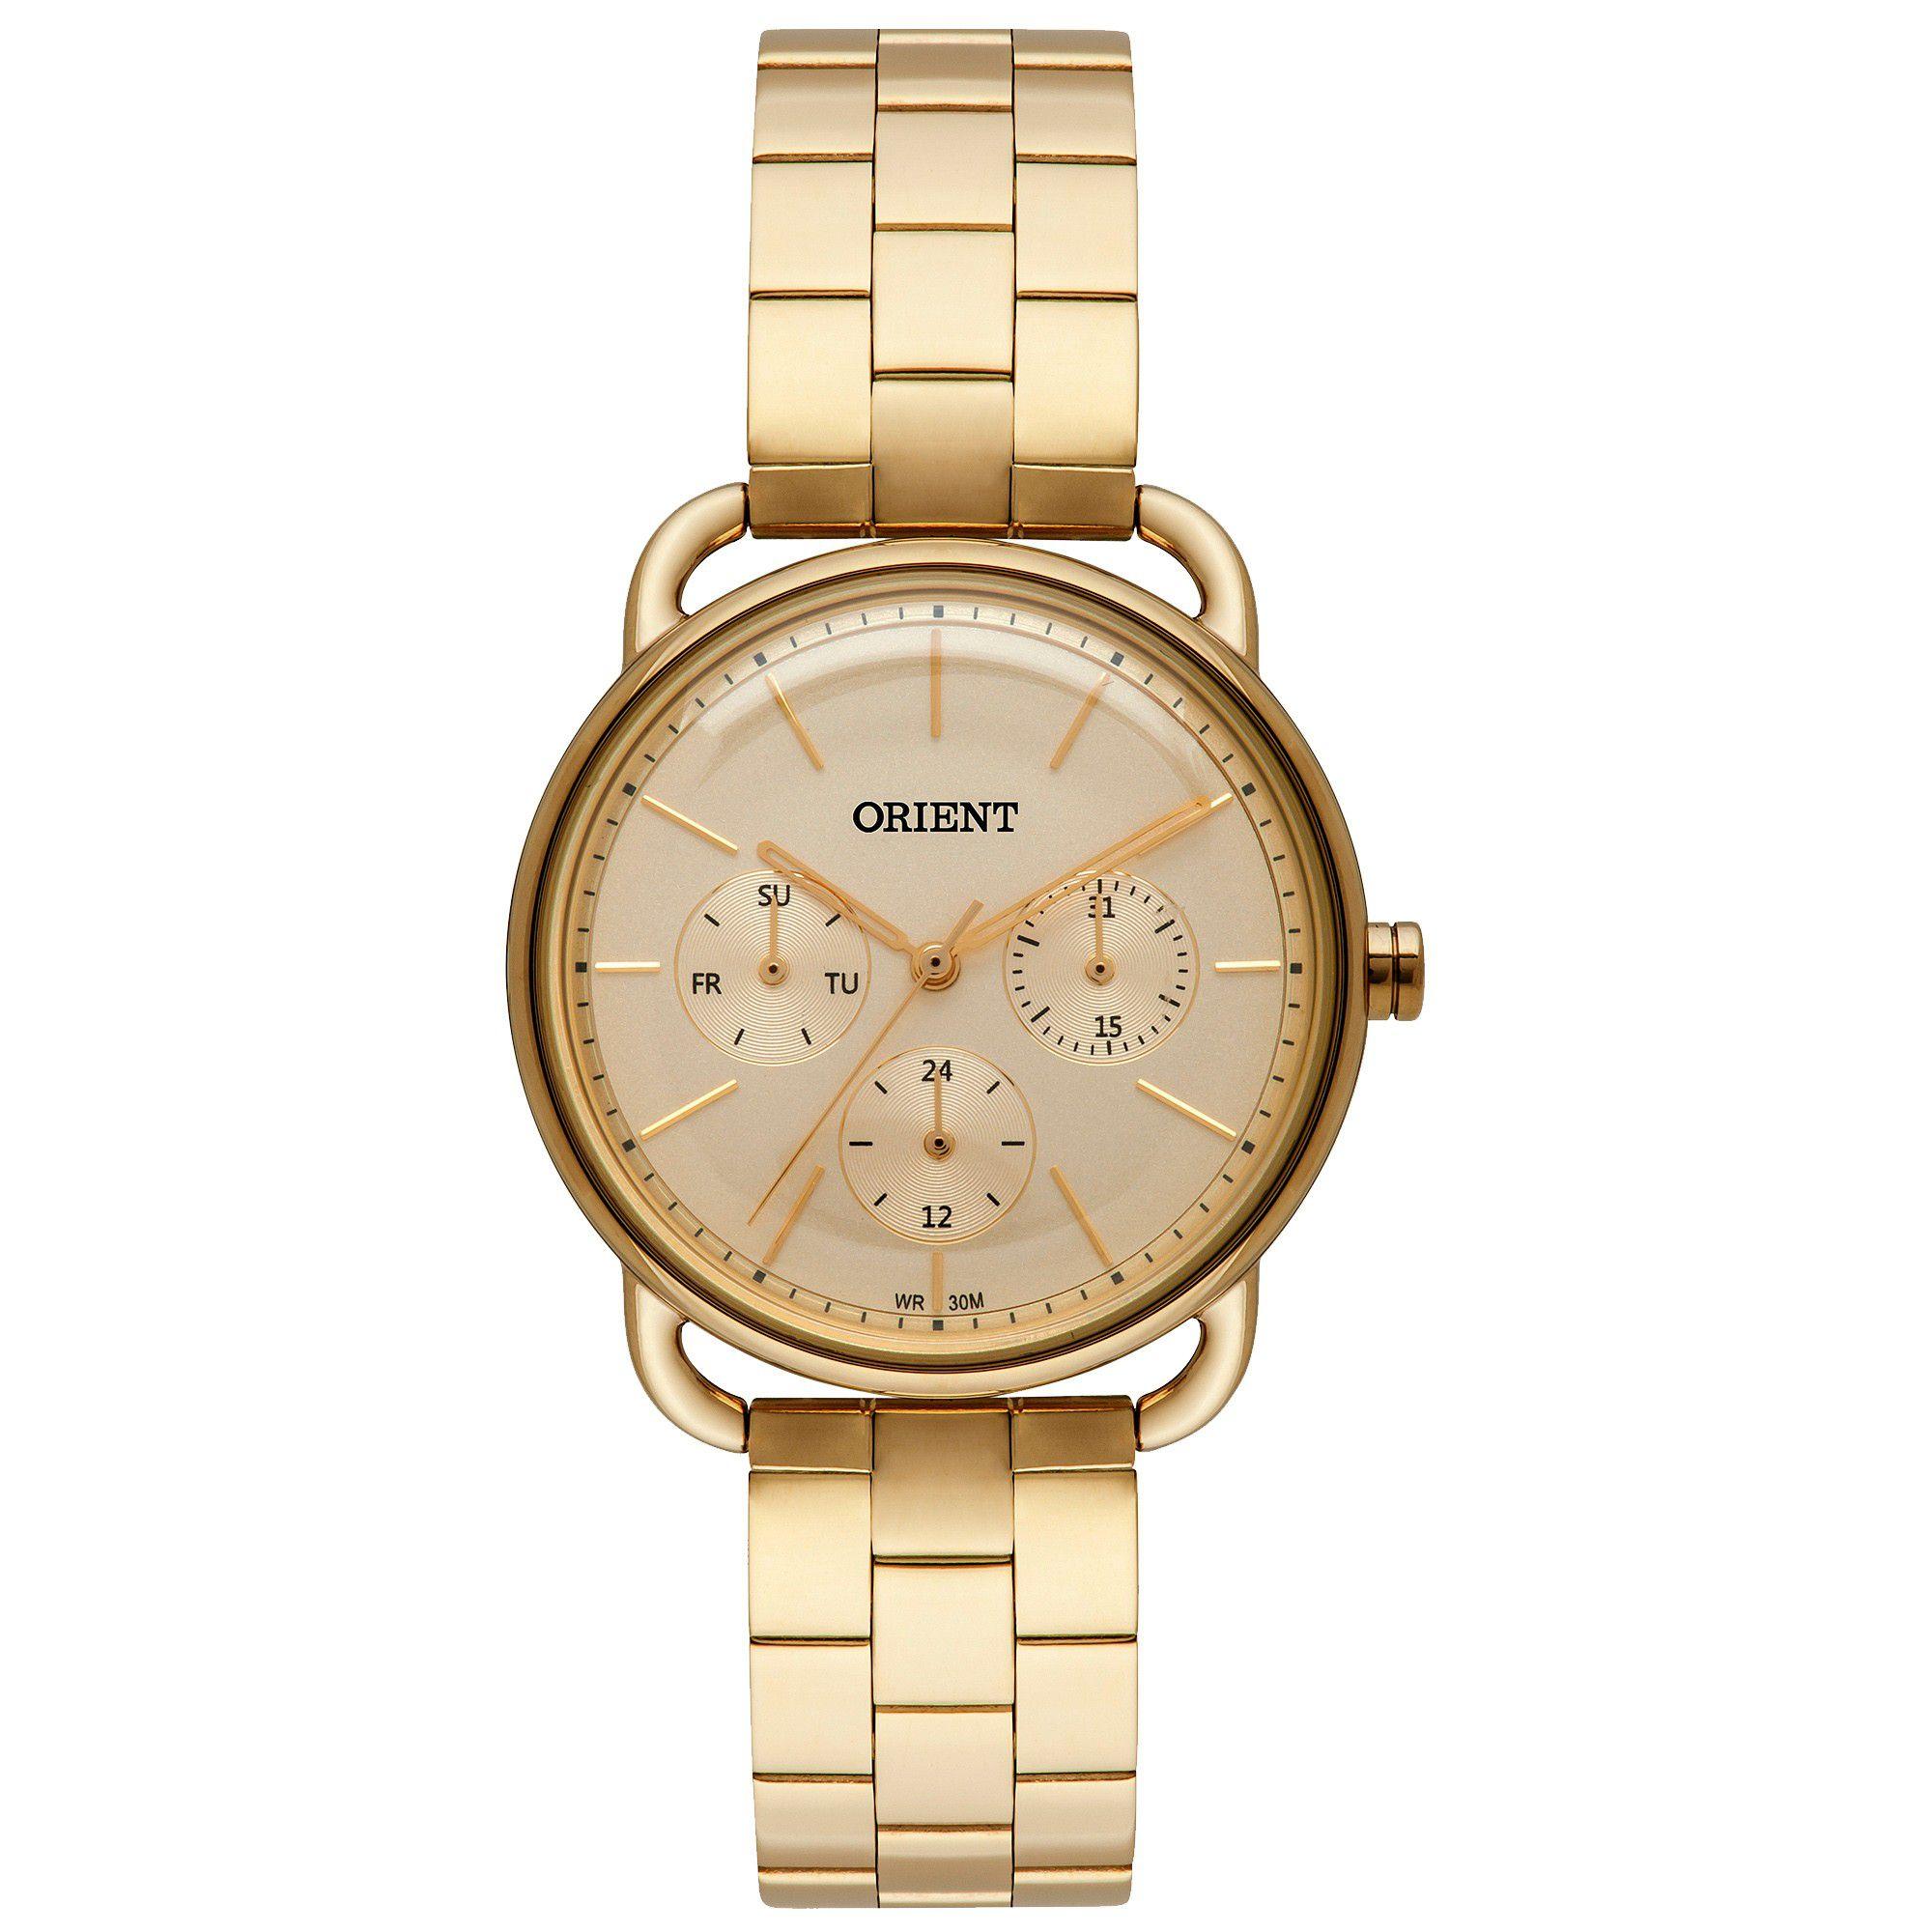 Relógio Feminino Orient FGSSM062 C1KX